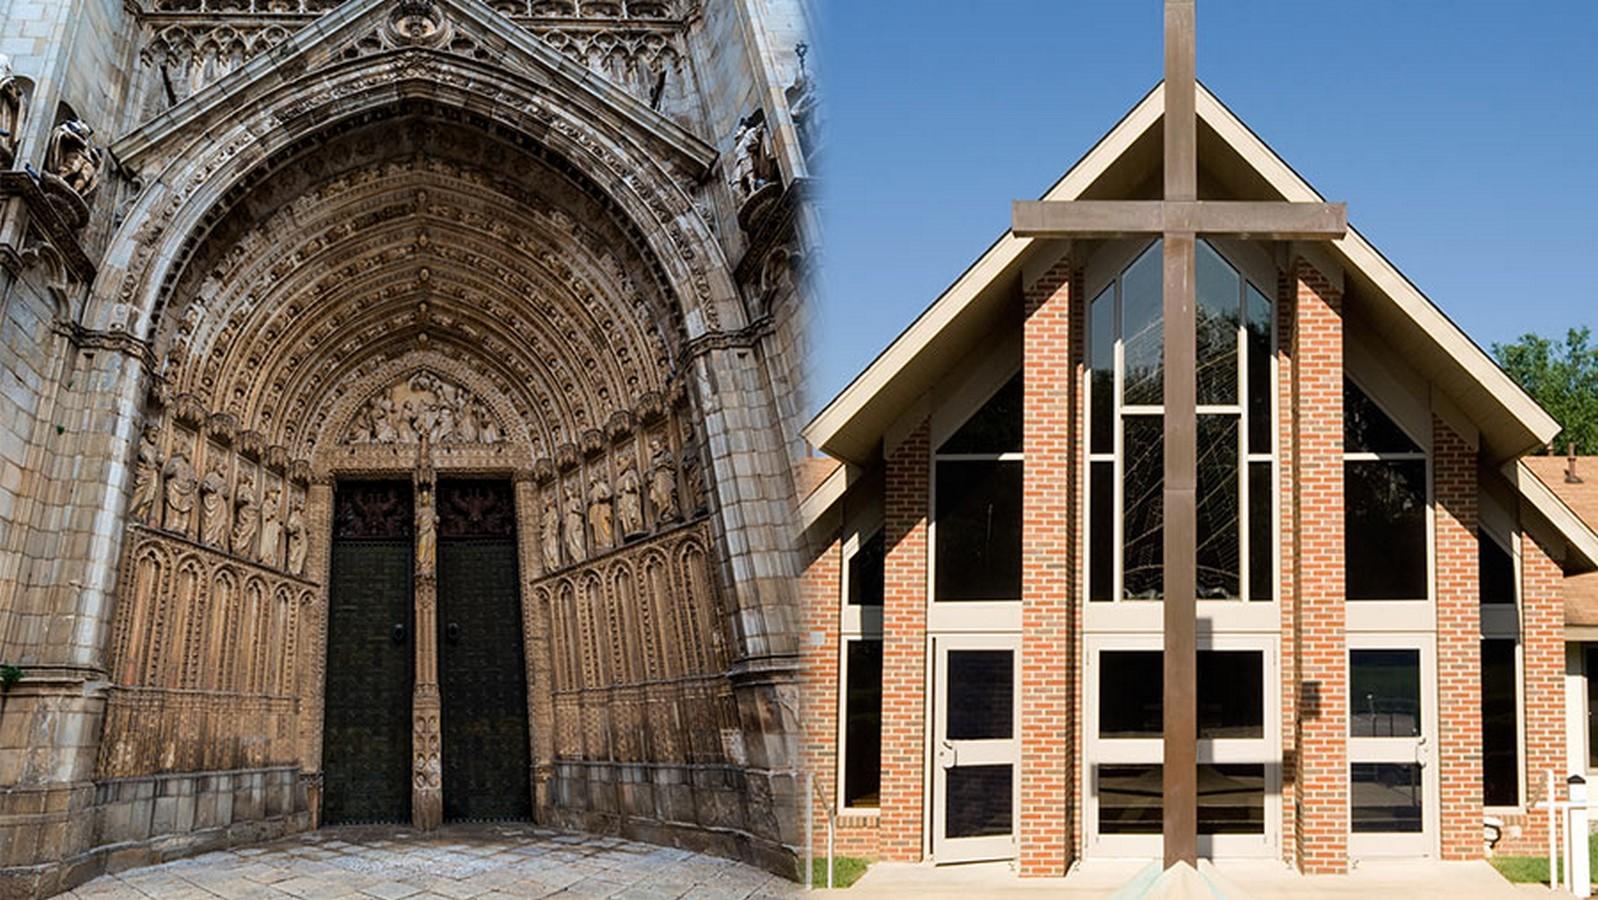 Protestant Architecture